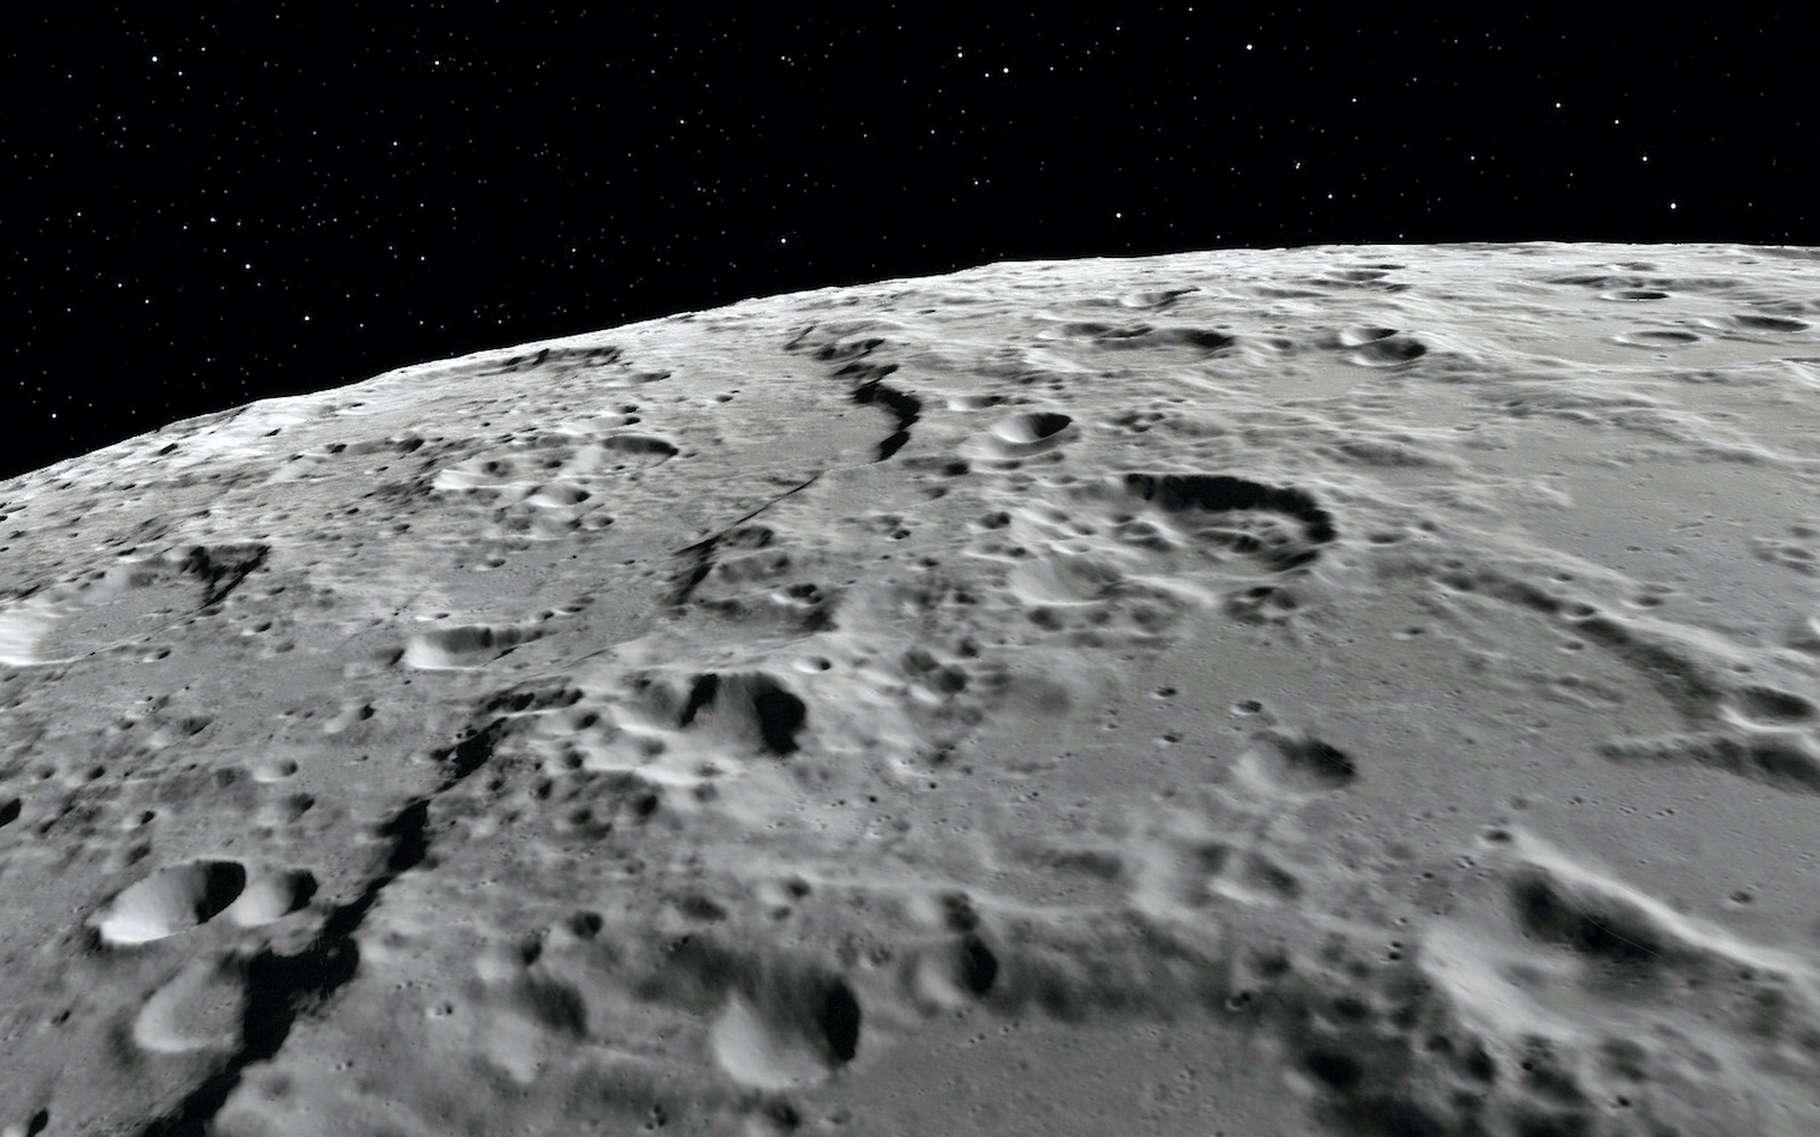 En avril 1970, les astronautes d'Apollo 13 ont survolé la face cachée de la Lune. La Nasa vous offre aujourd'hui la possibilité de suivre leurs traces. © rudut2015, Adobe Stock